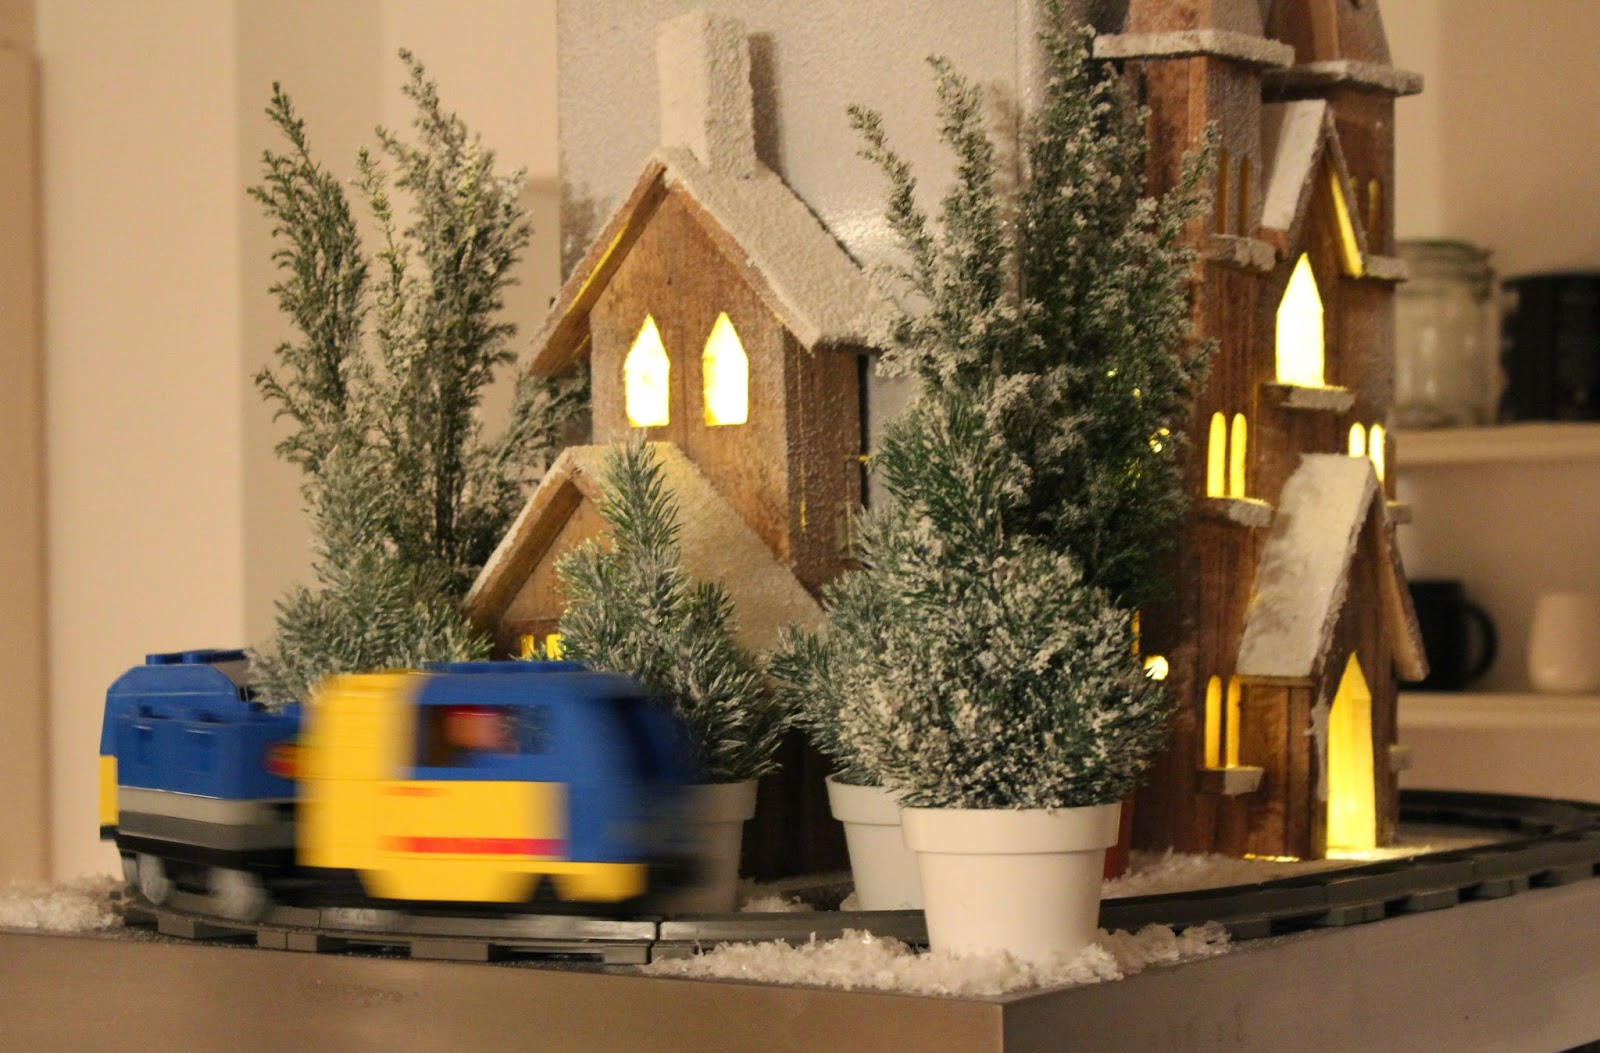 Eisenbahn Weihnachtsdeko.Drachenbabies Weihnachtsdeko Aus Lego Duplo Und Playmobil Zum Freutag